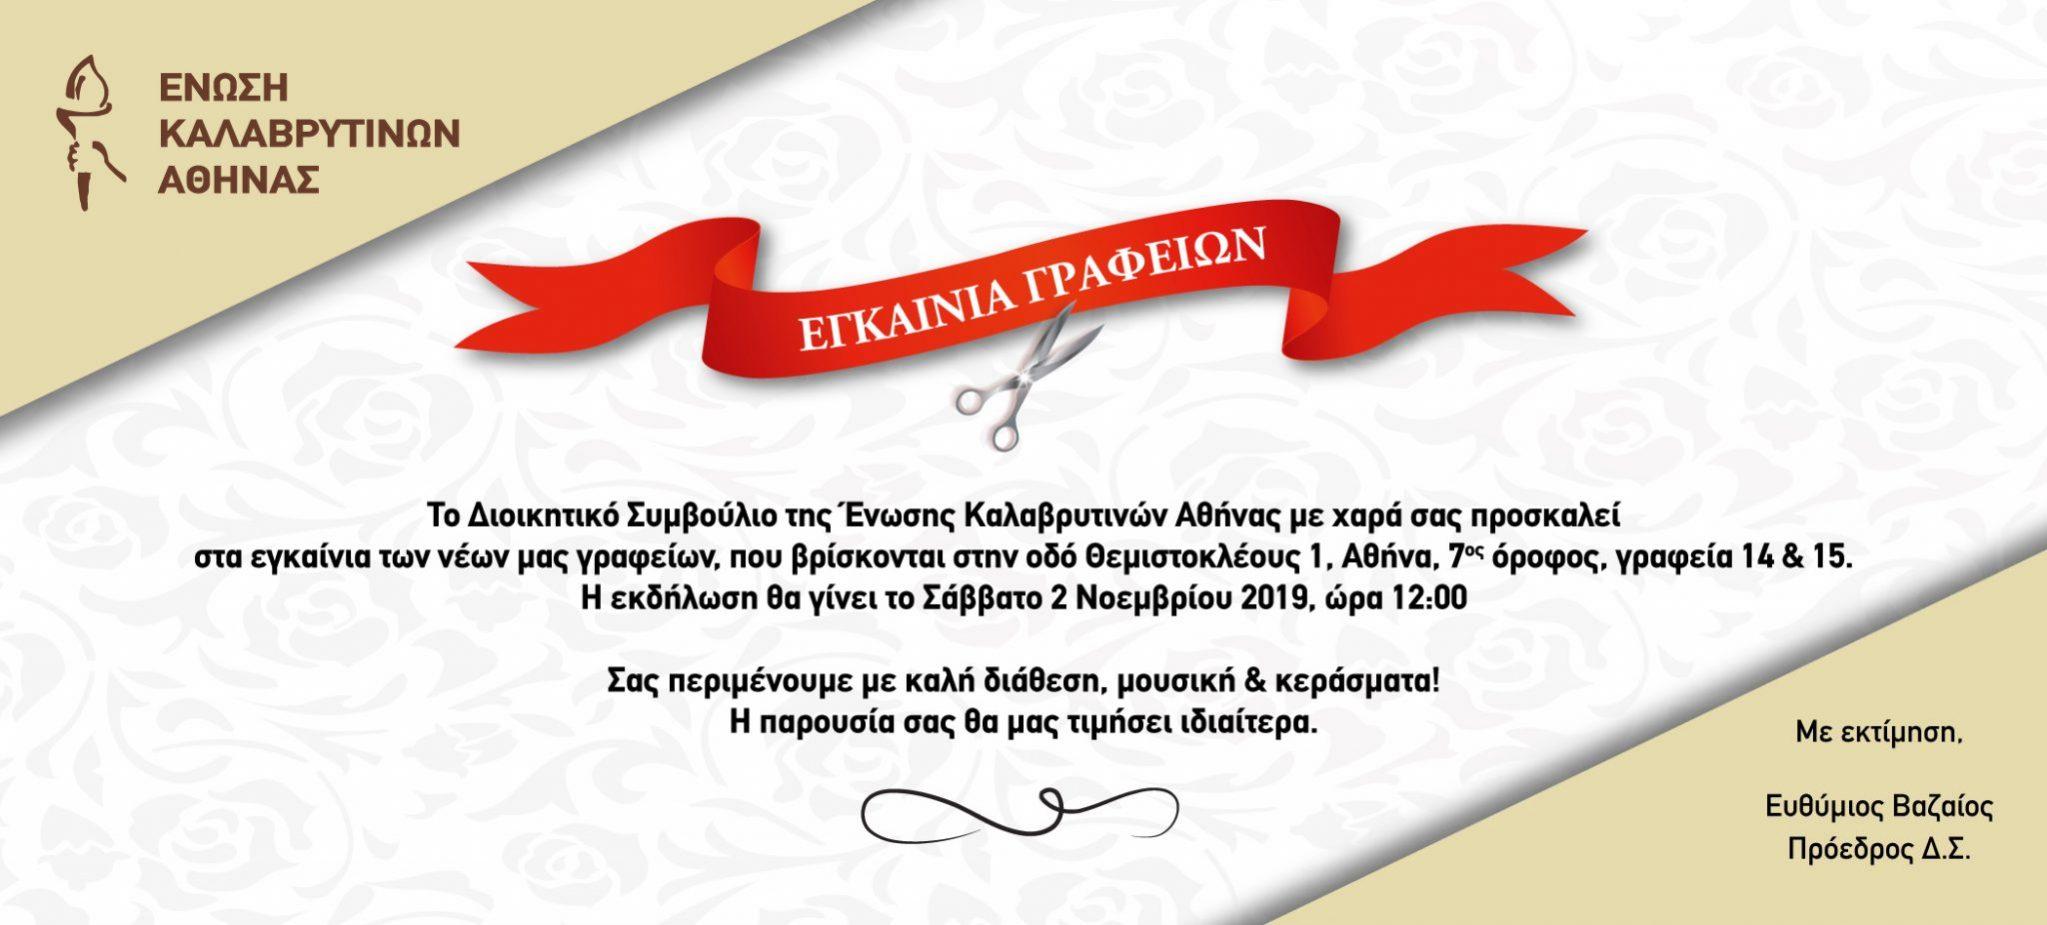 EKA-Egkaineia-Grafeion-11-2019_v2_xoris_1